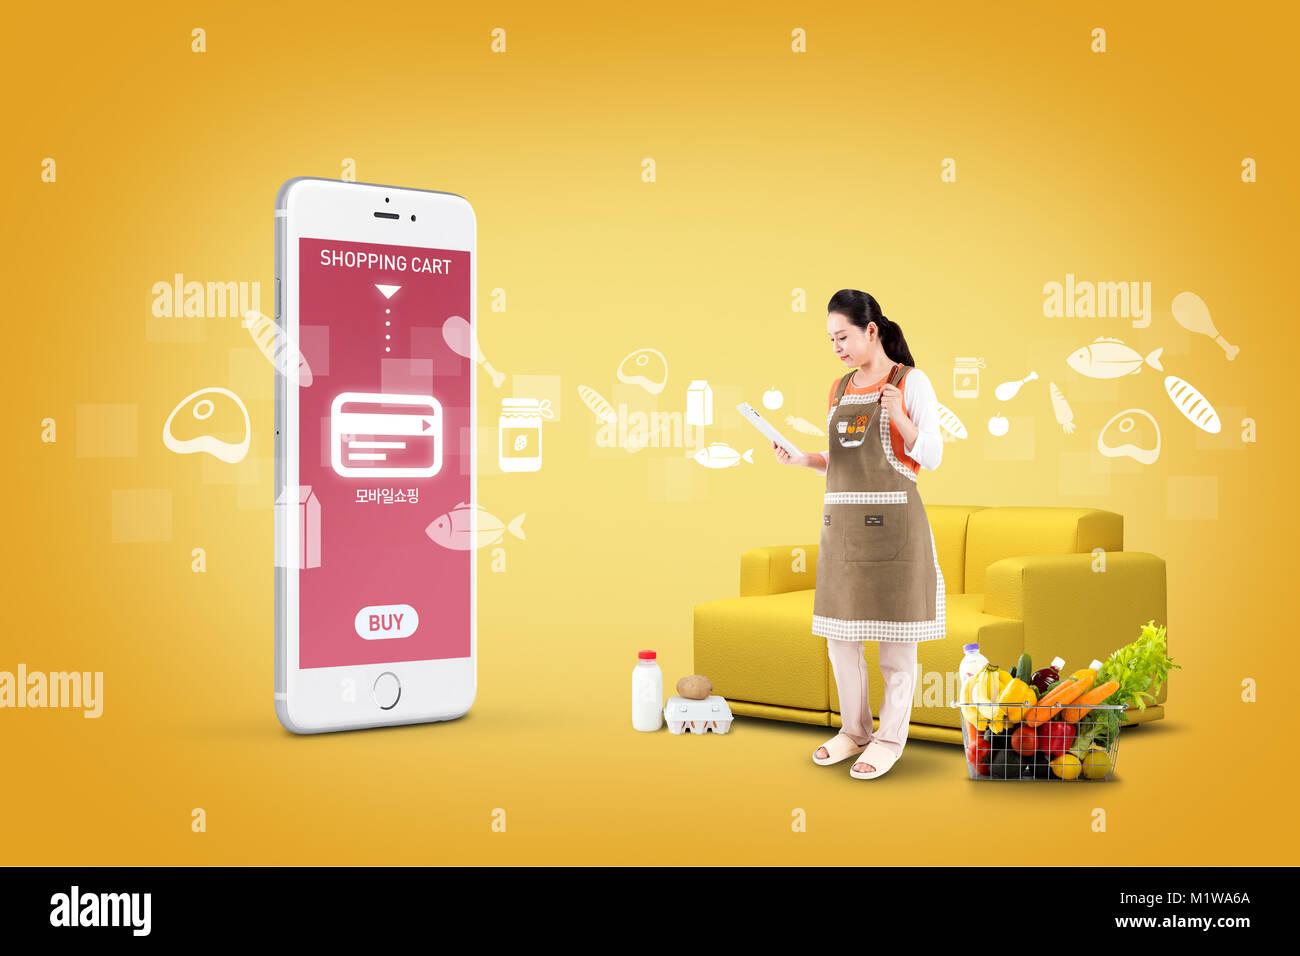 Abbildung - mobile Technologie, eng beziehen sich auf das alltägliche Leben. 007 Stockbild